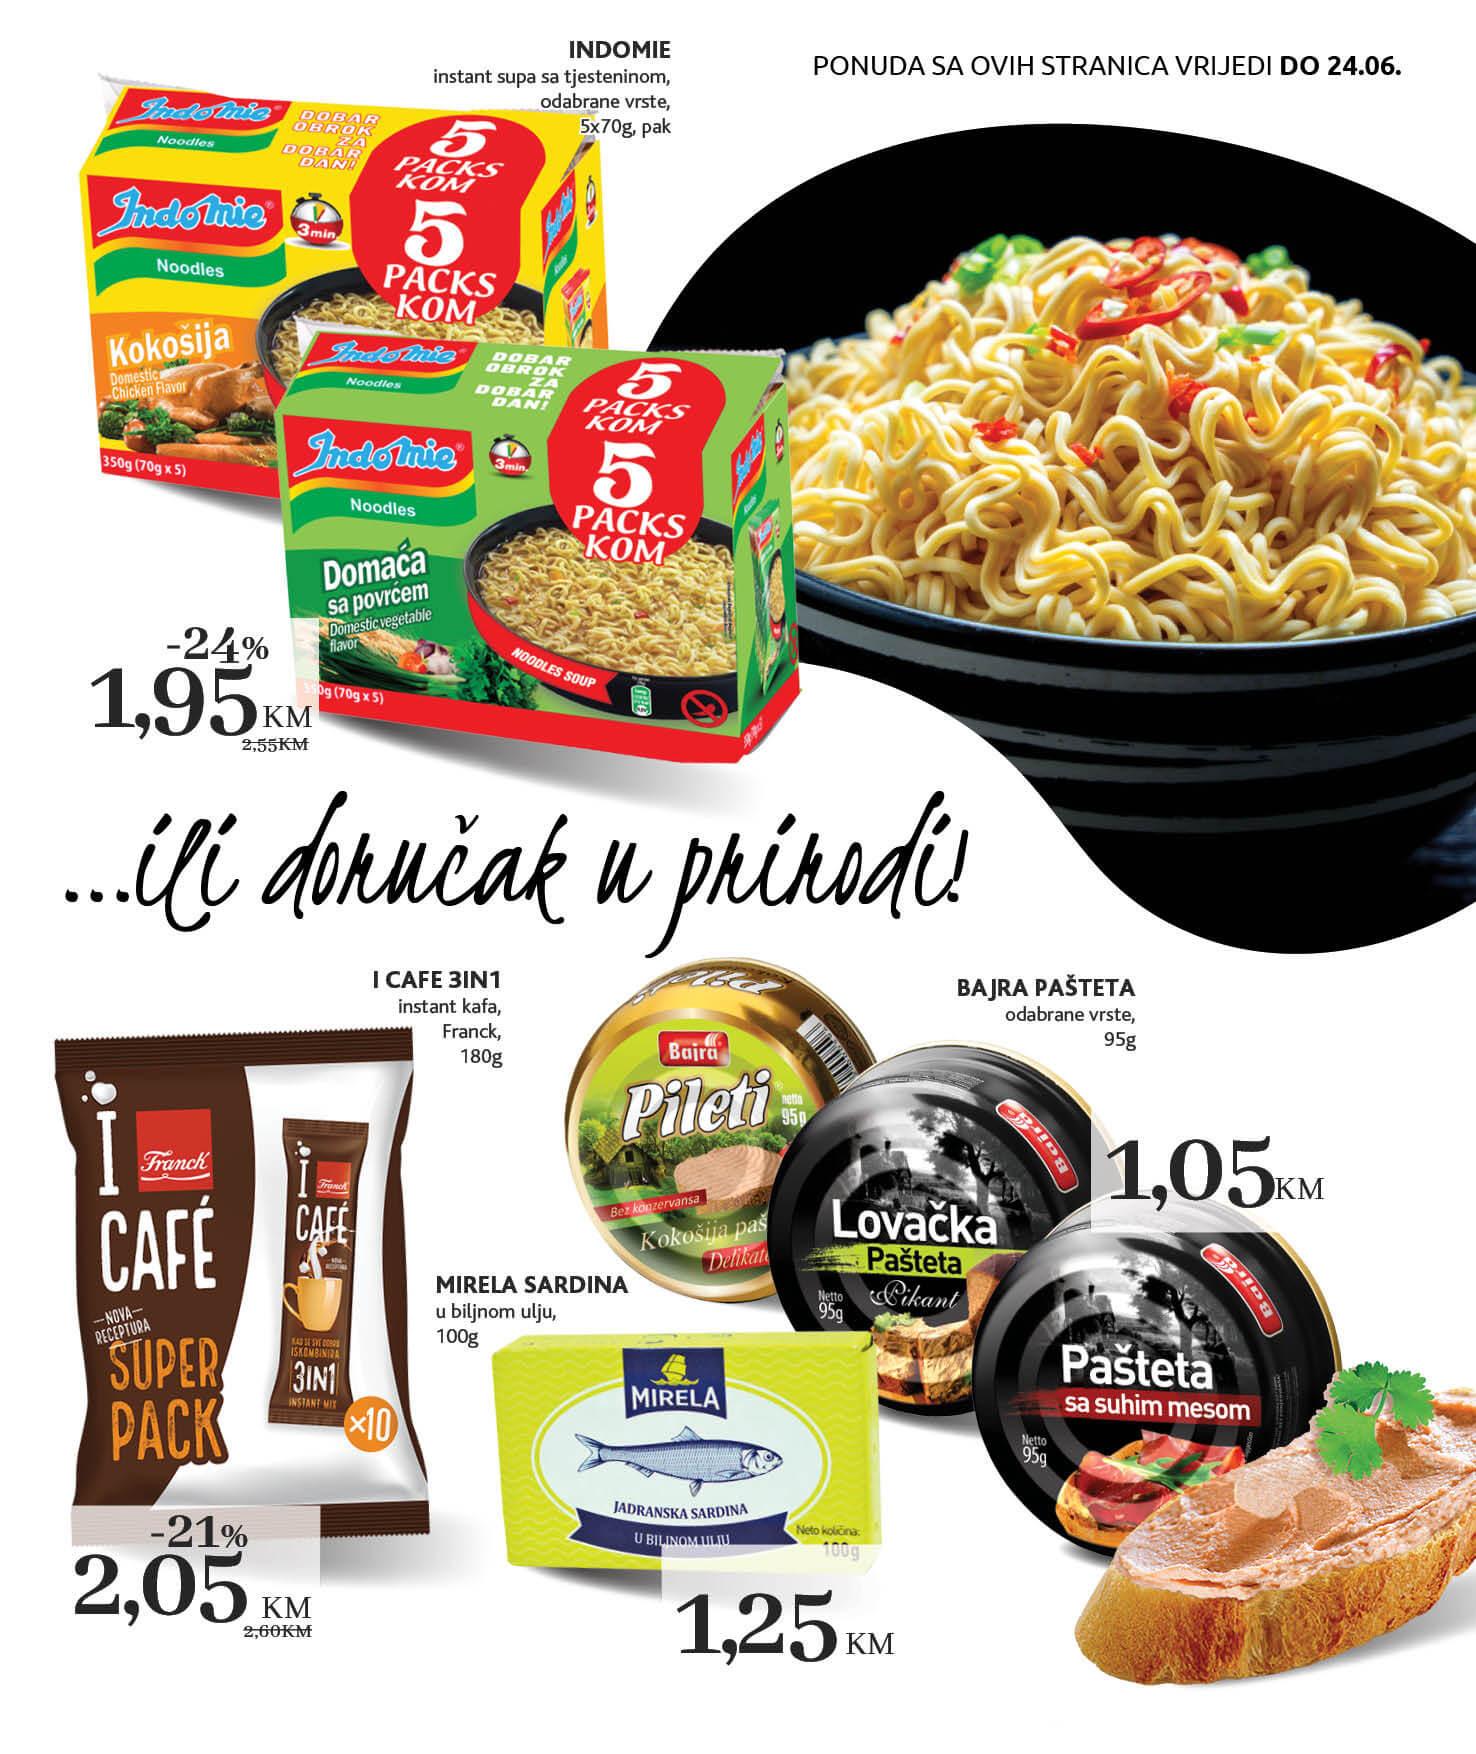 KONZUM Katalog Za boravak u prirodi JUN i JUL 2021 14.6. 14.7. eKatalozi.com PR Page 05